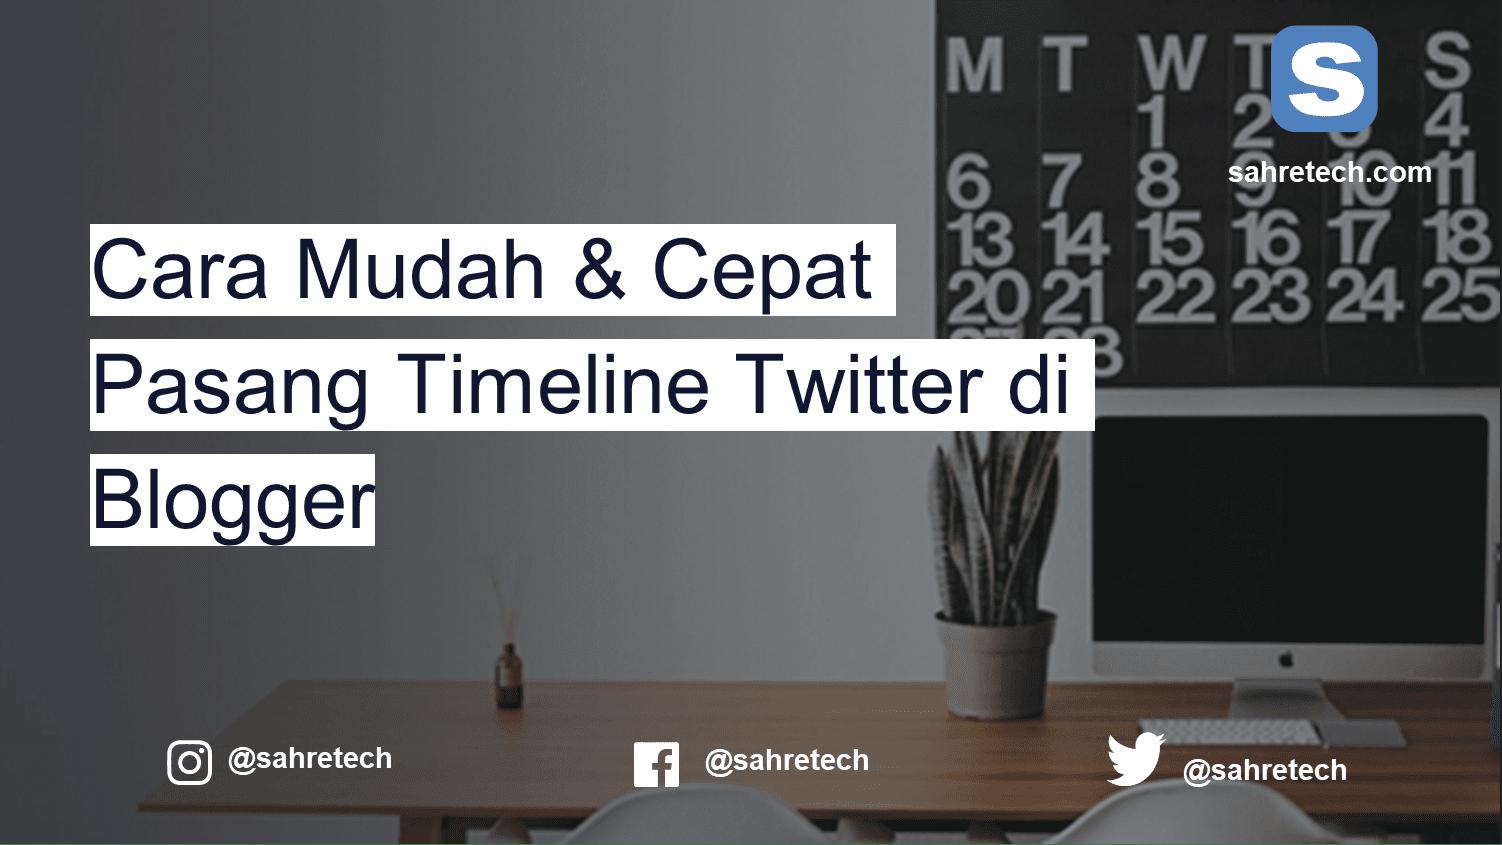 Cara Mudah & Cepat Pasang Timeline Twitter di Blogger